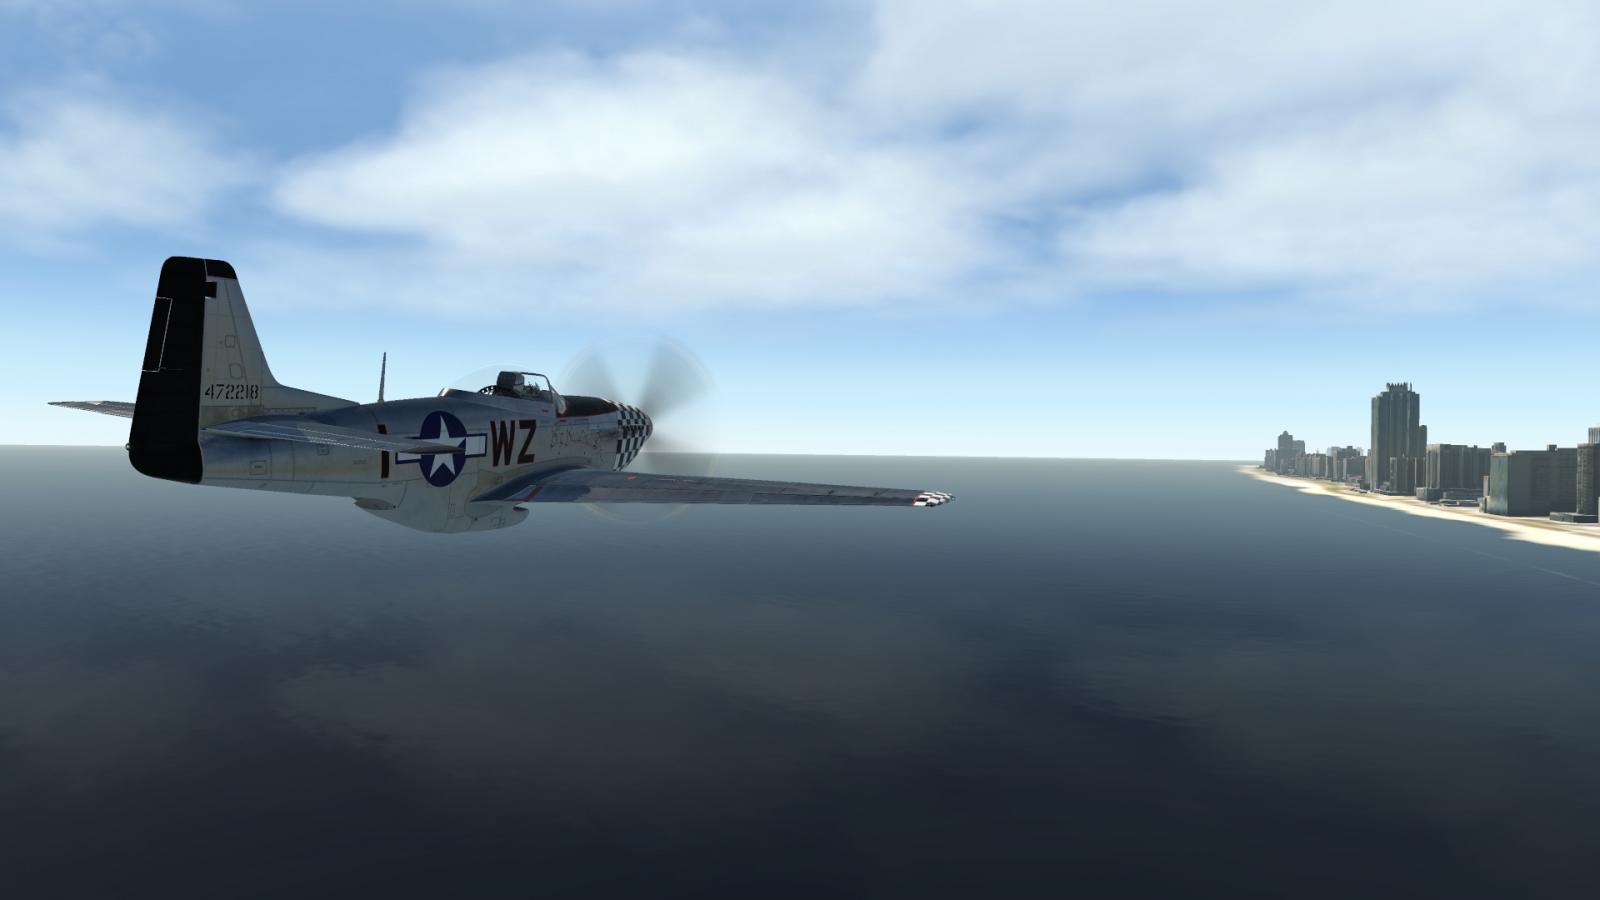 F 4 Phantom 11- Why? - General X-Plane Forum - X-Plane Org Forum